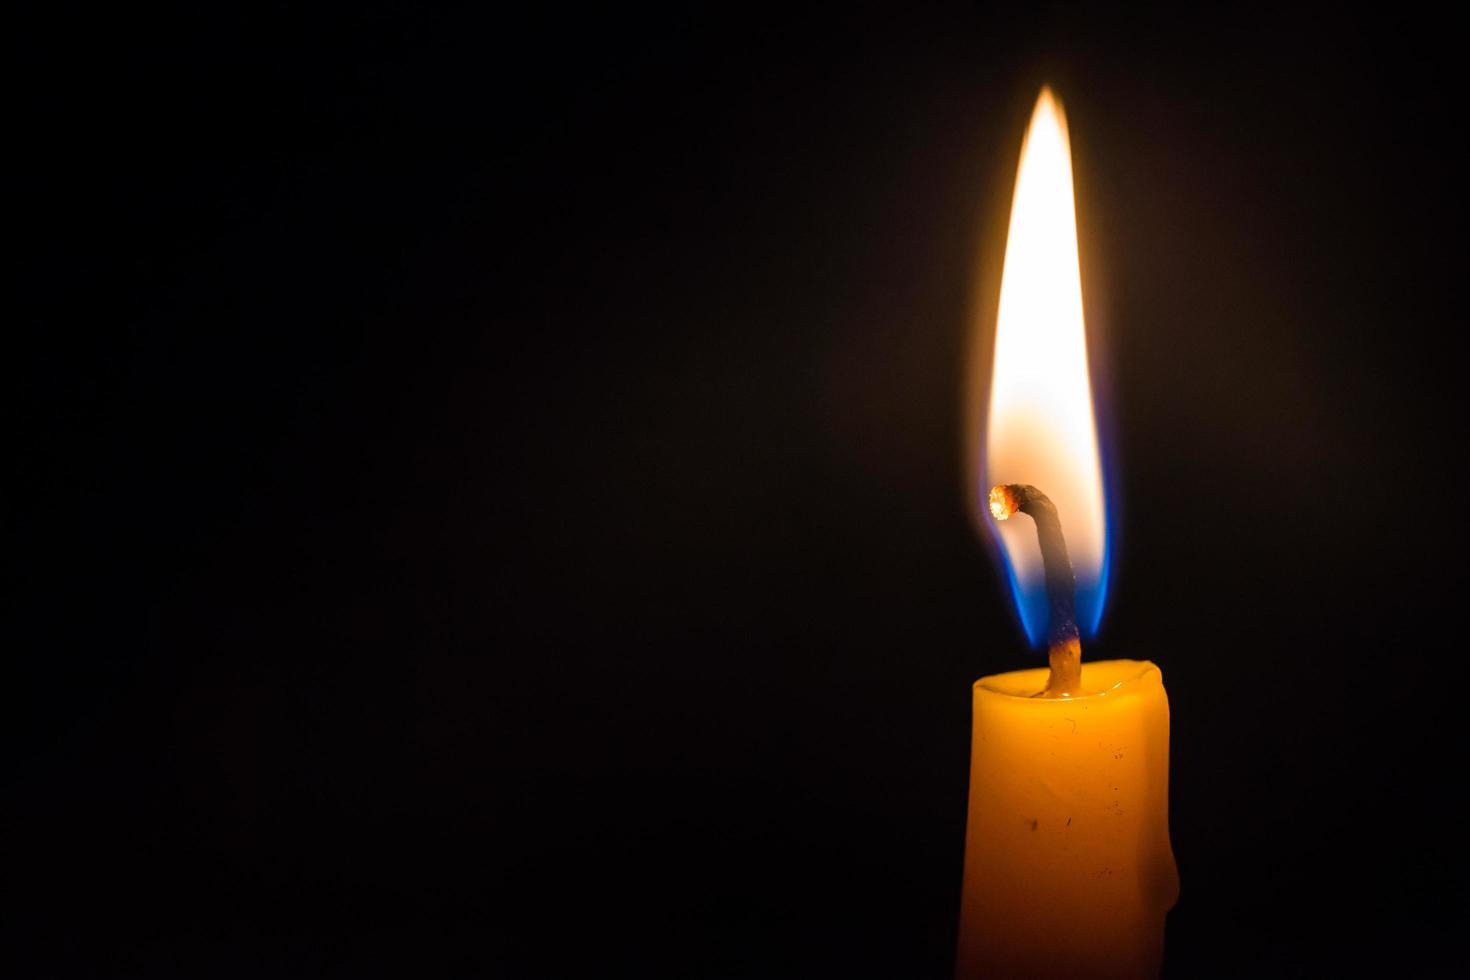 bouchent la bougie lumineuse brûlant brillamment dans le fond noir. photo